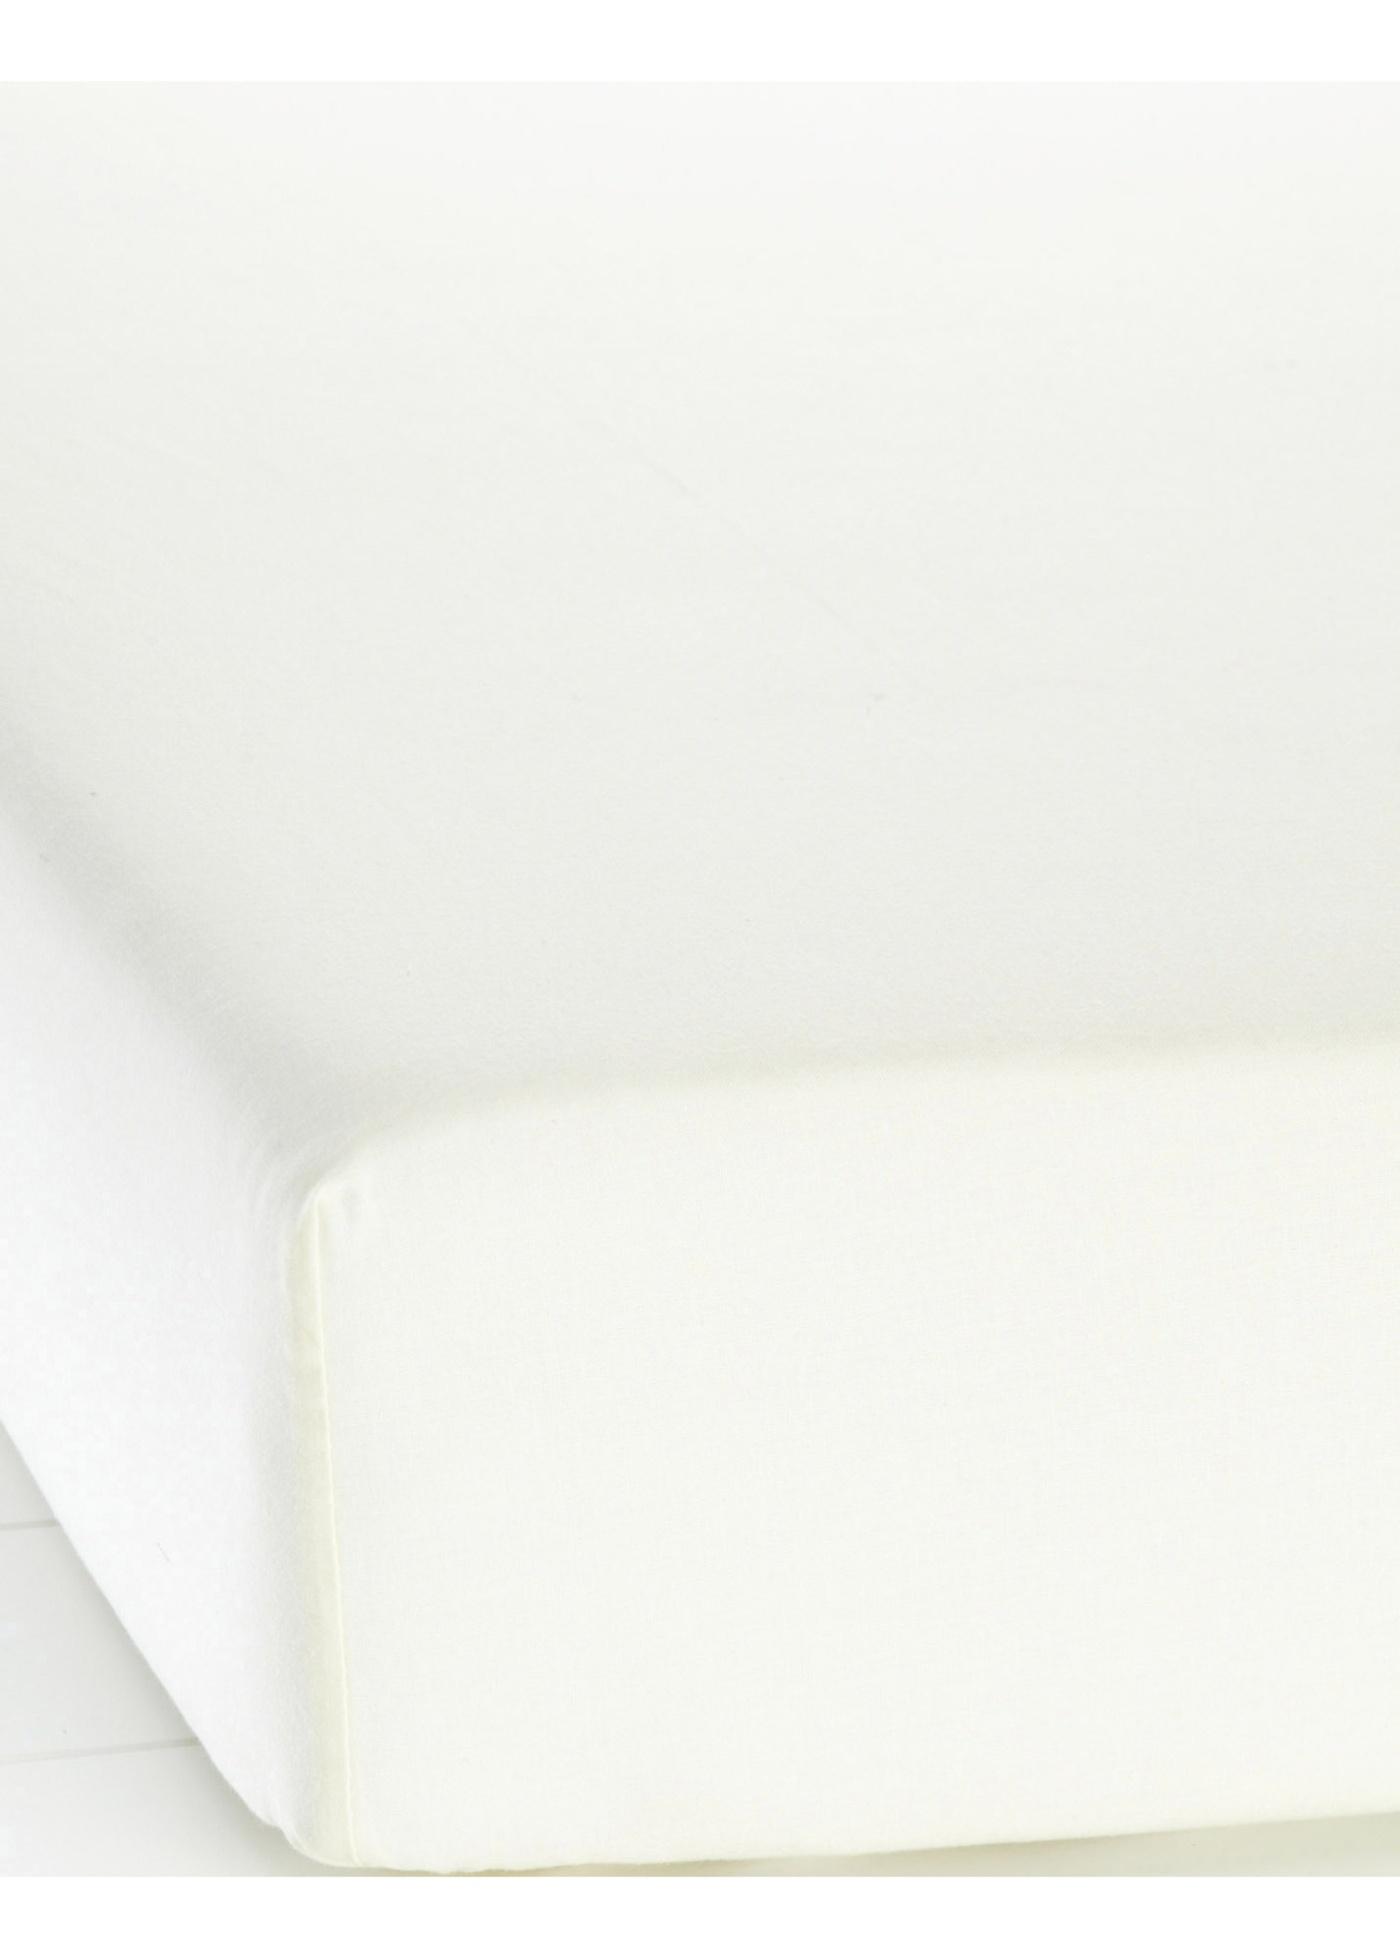 """Belle qualité linon pur coton : d""""aspect fin et lisse, le tissu est très agréable. Drap-housse doux, léger et micro-respirant. T. 4 + 5 uniquement disponibles en anthracite, bleu et blanc."""